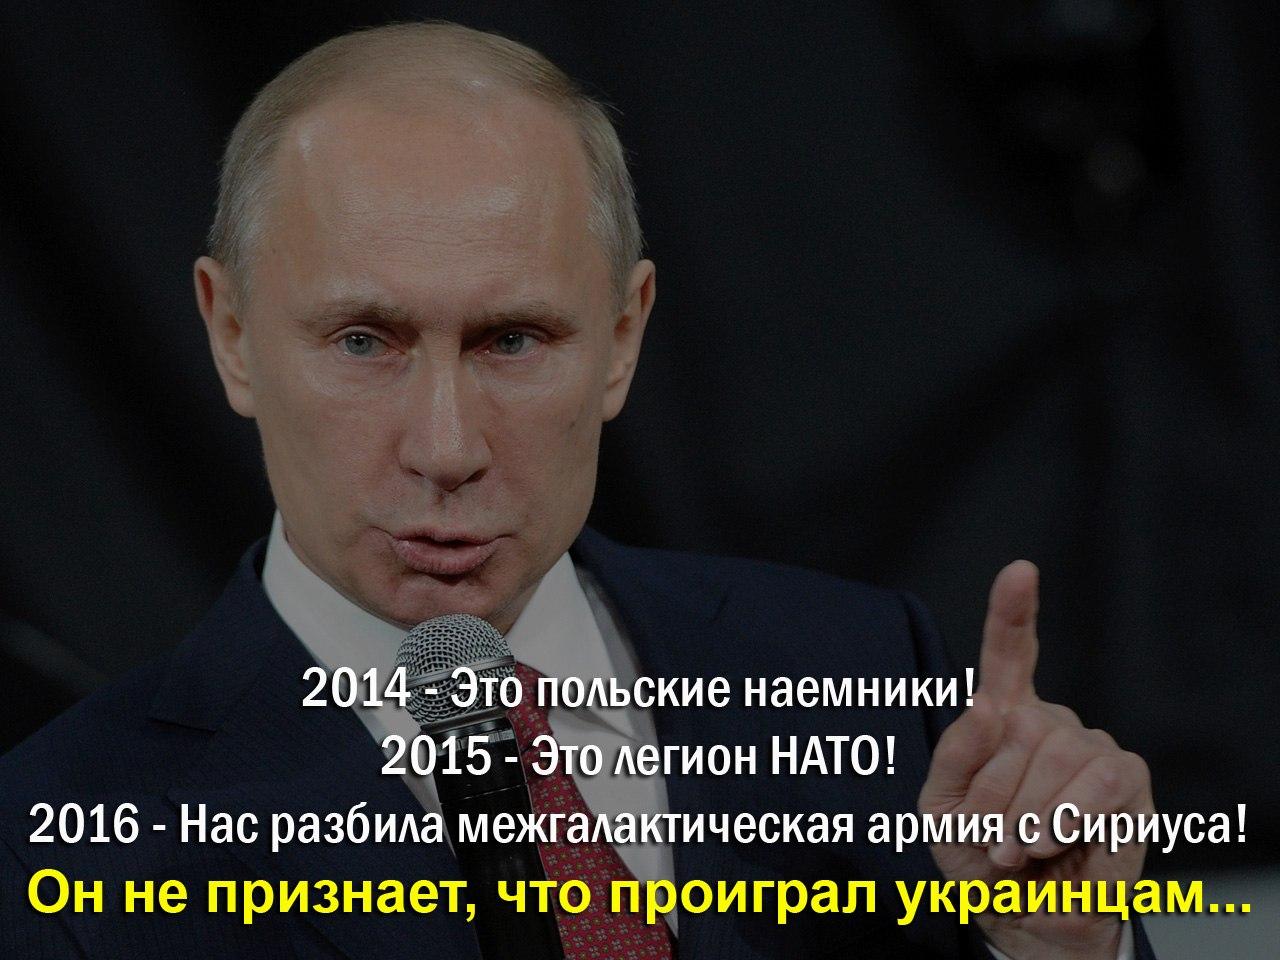 НАТО будет продолжать поддерживать Украину, - Столтенберг - Цензор.НЕТ 5964